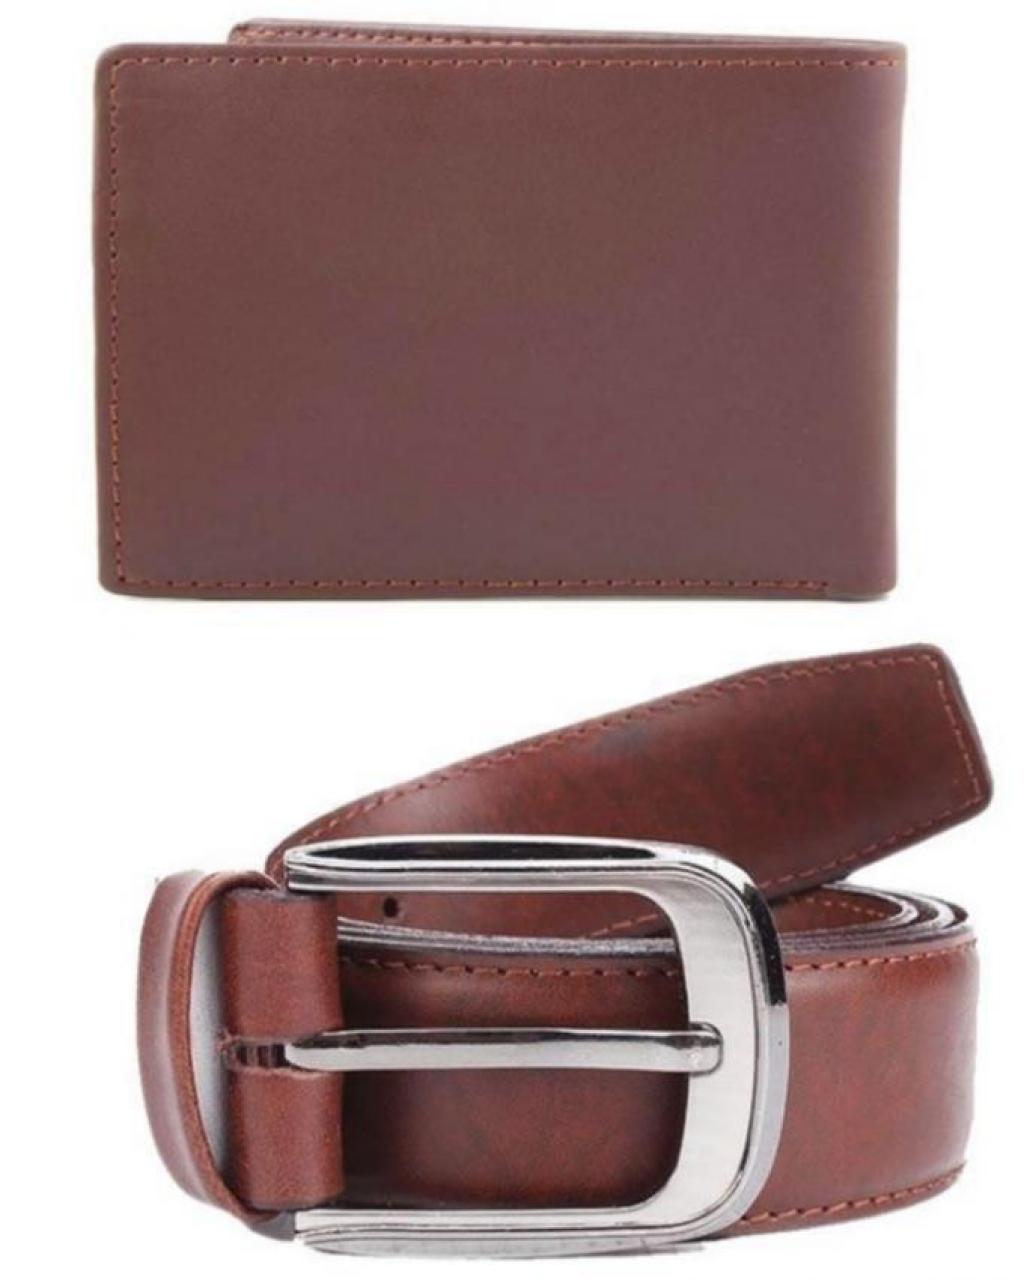 15450499940_Pack_of_2_-_Brown_Leather_Belt__Wallet_for_Men.jpg